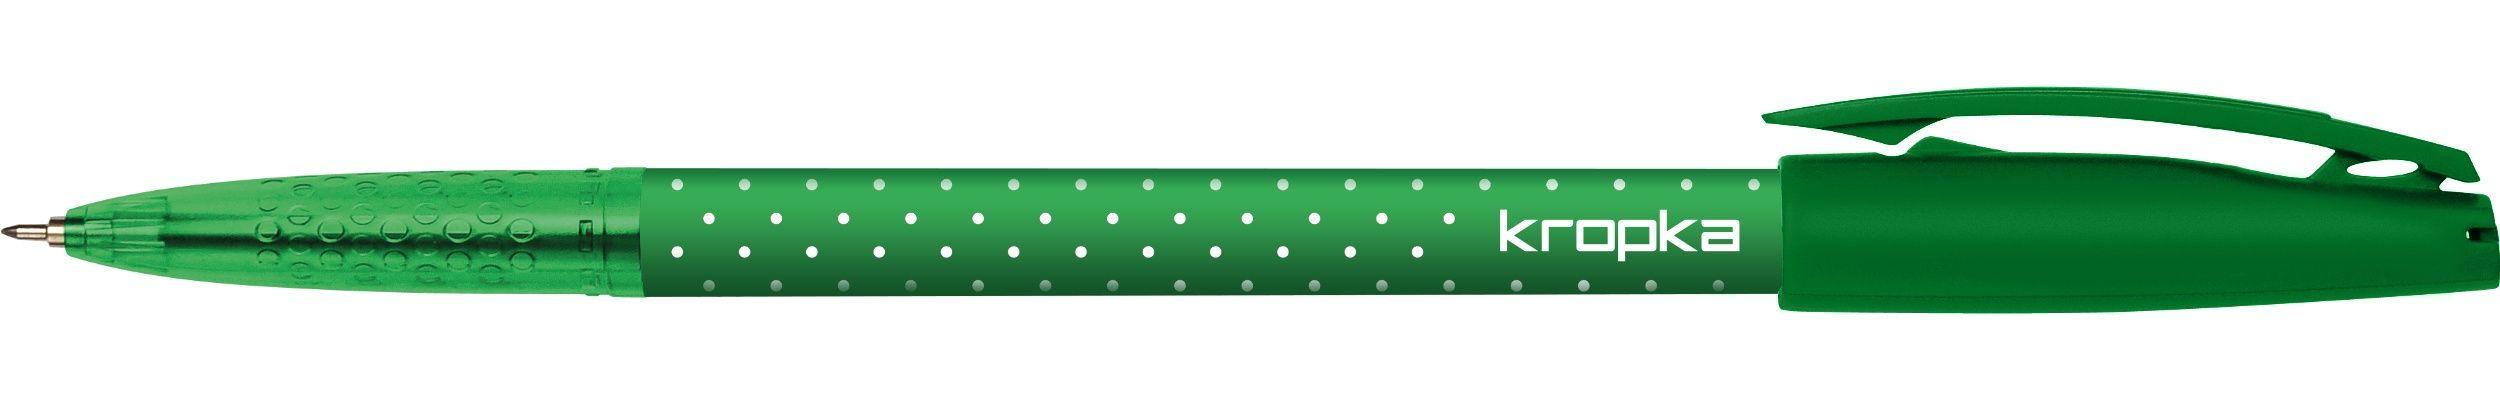 Długopis Kropka